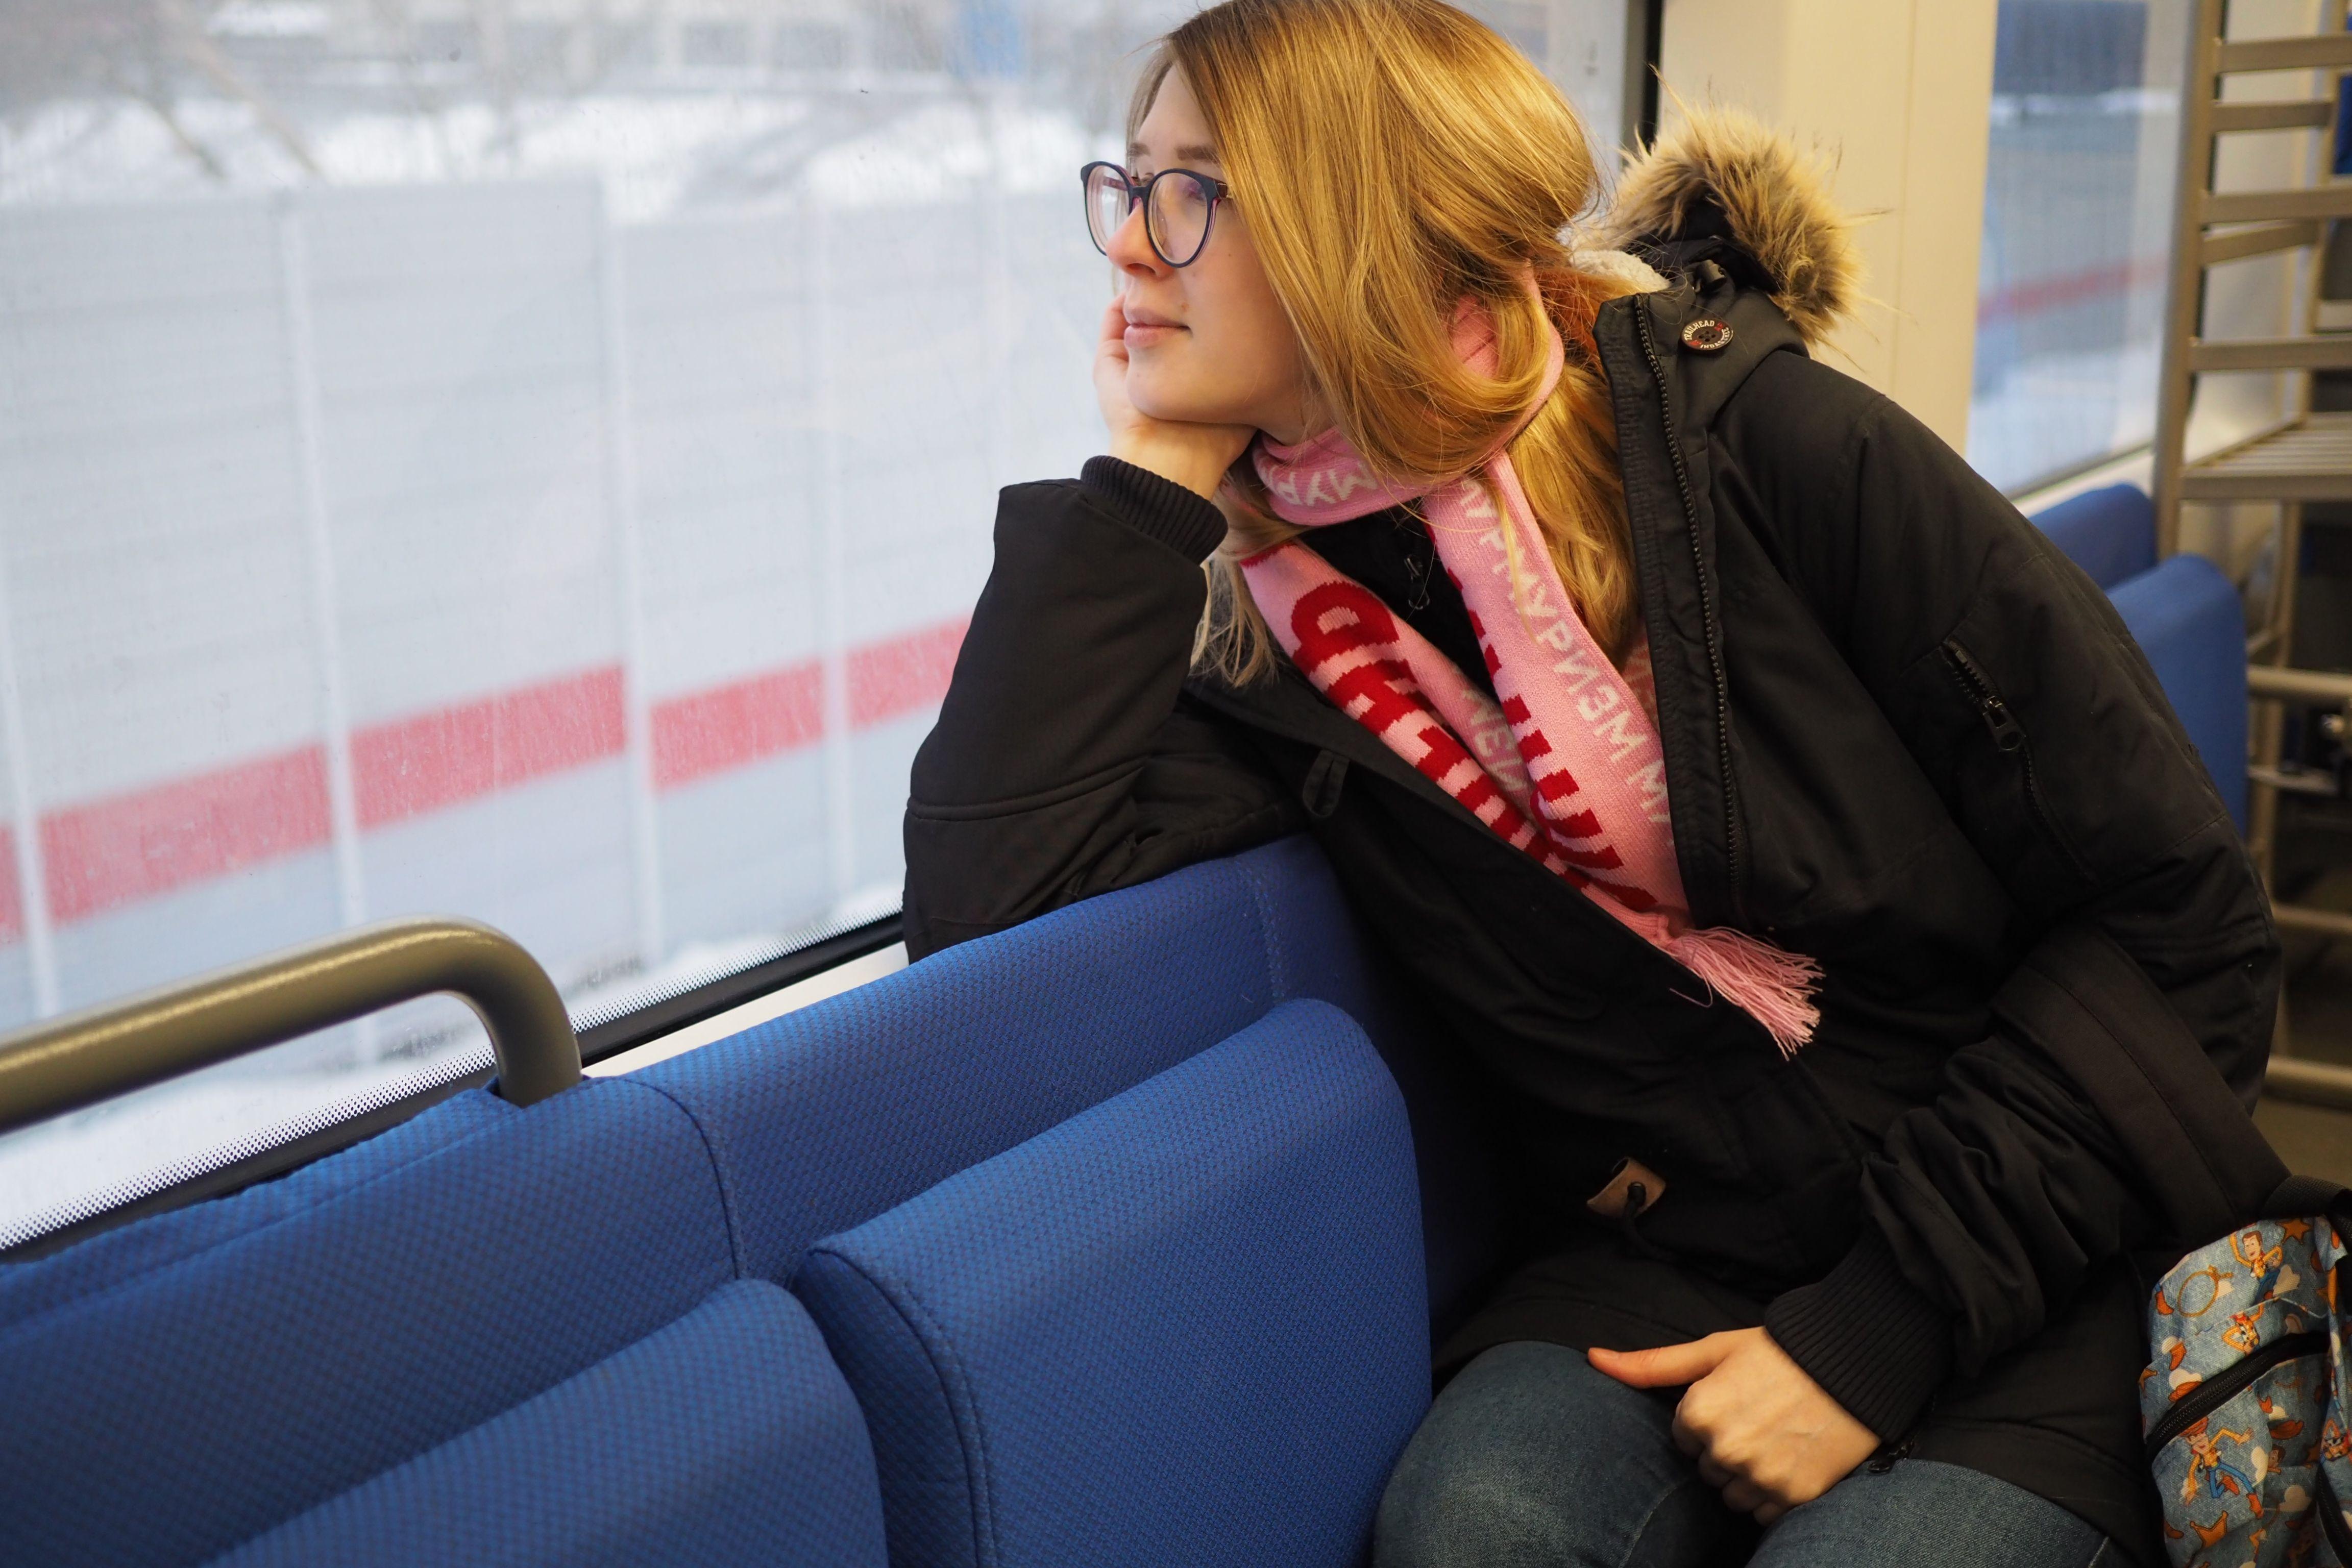 Трафик Московских центральных диаметров может превысить 90 миллионов человек. Фото: Элина Масимова, «Вечерняя Москва»